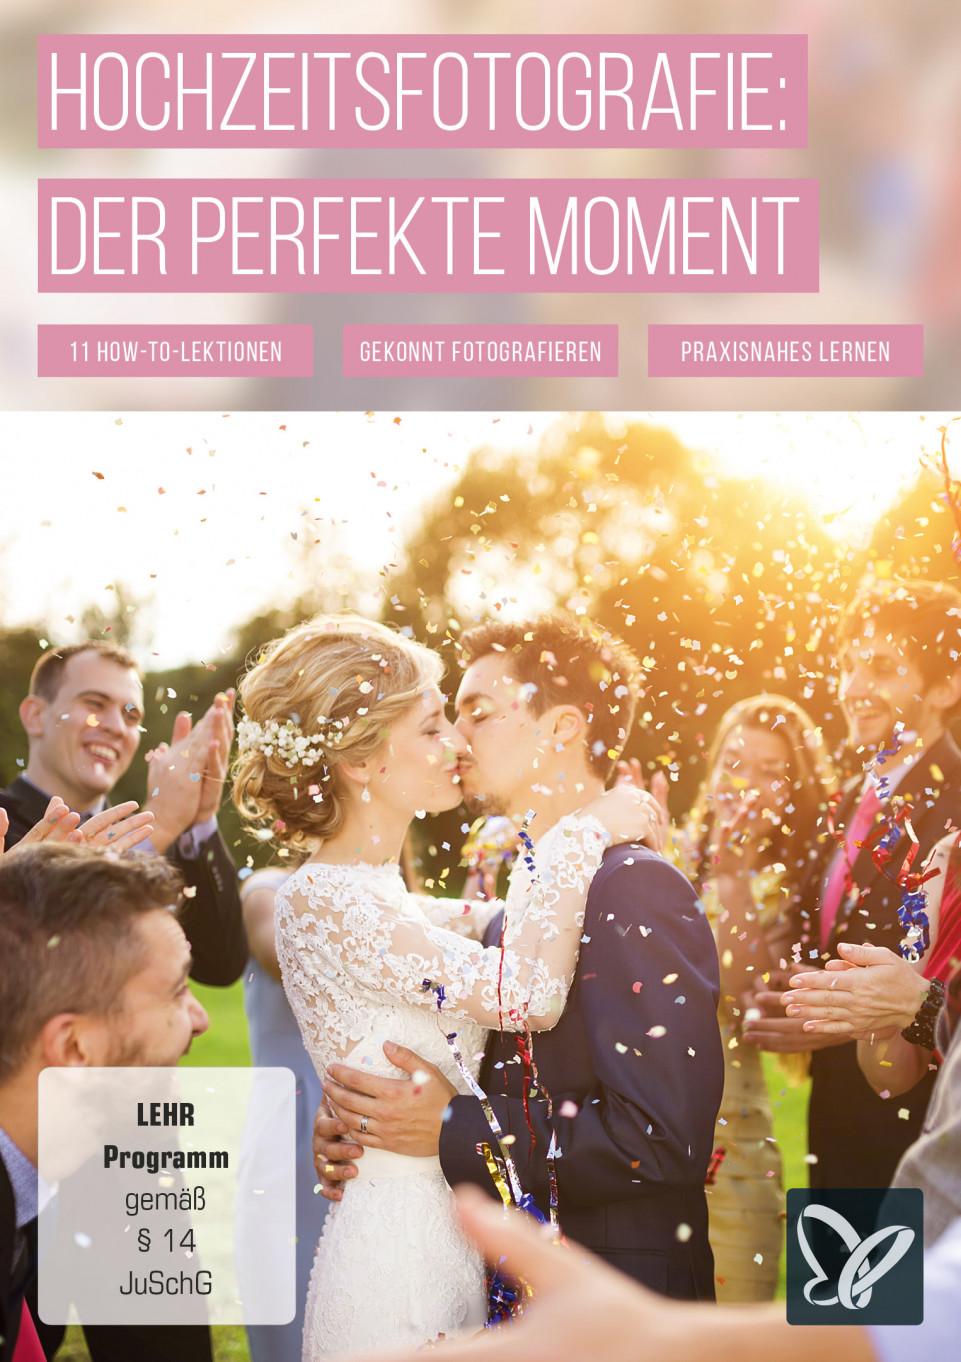 Hochzeitsfotografie: Der perfekte Moment